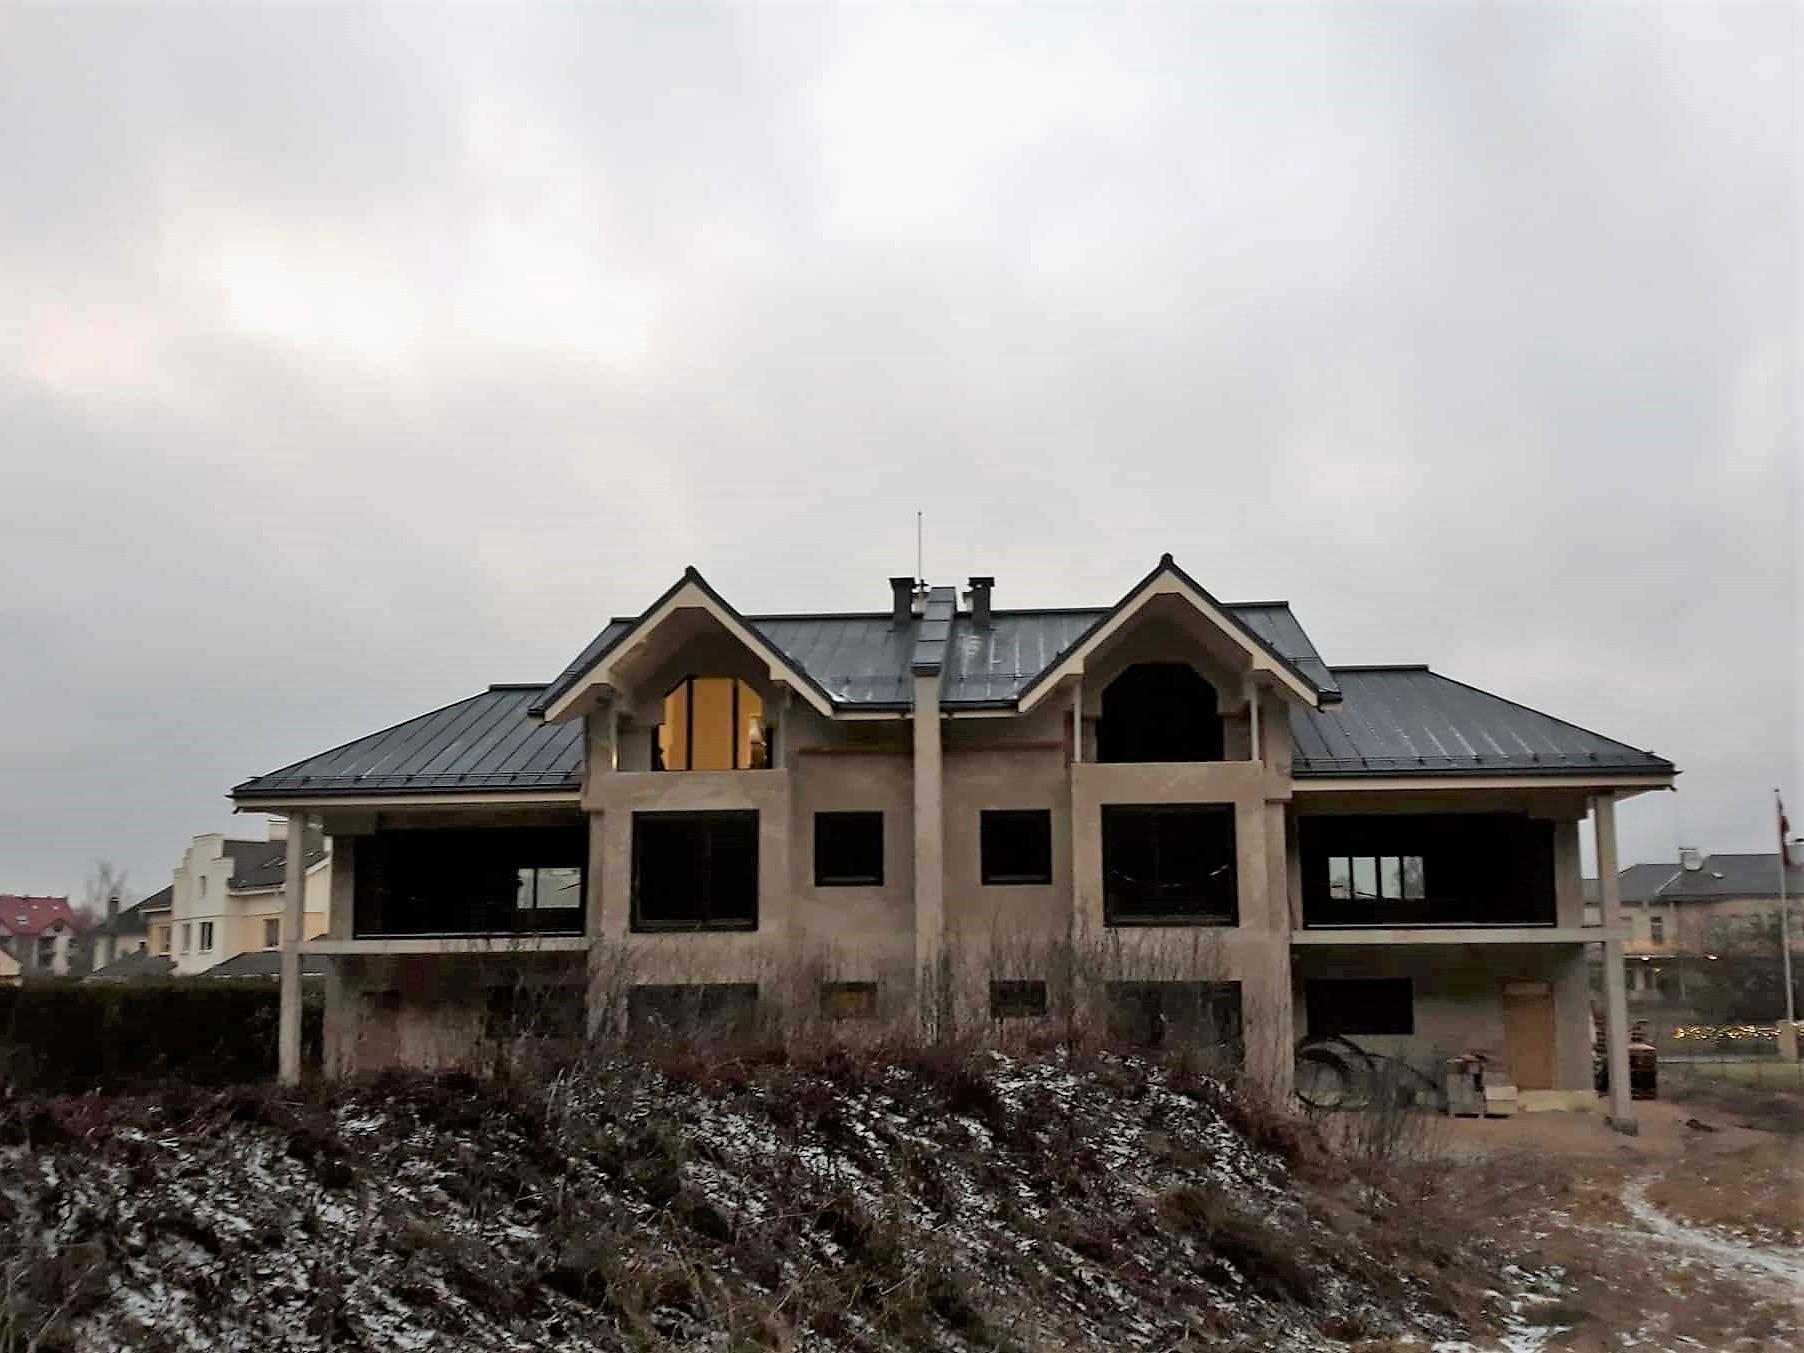 Jumta konstrukcijas izbūve un jumta metāla valcprofila seguma montāža dvīņu mājai gallery